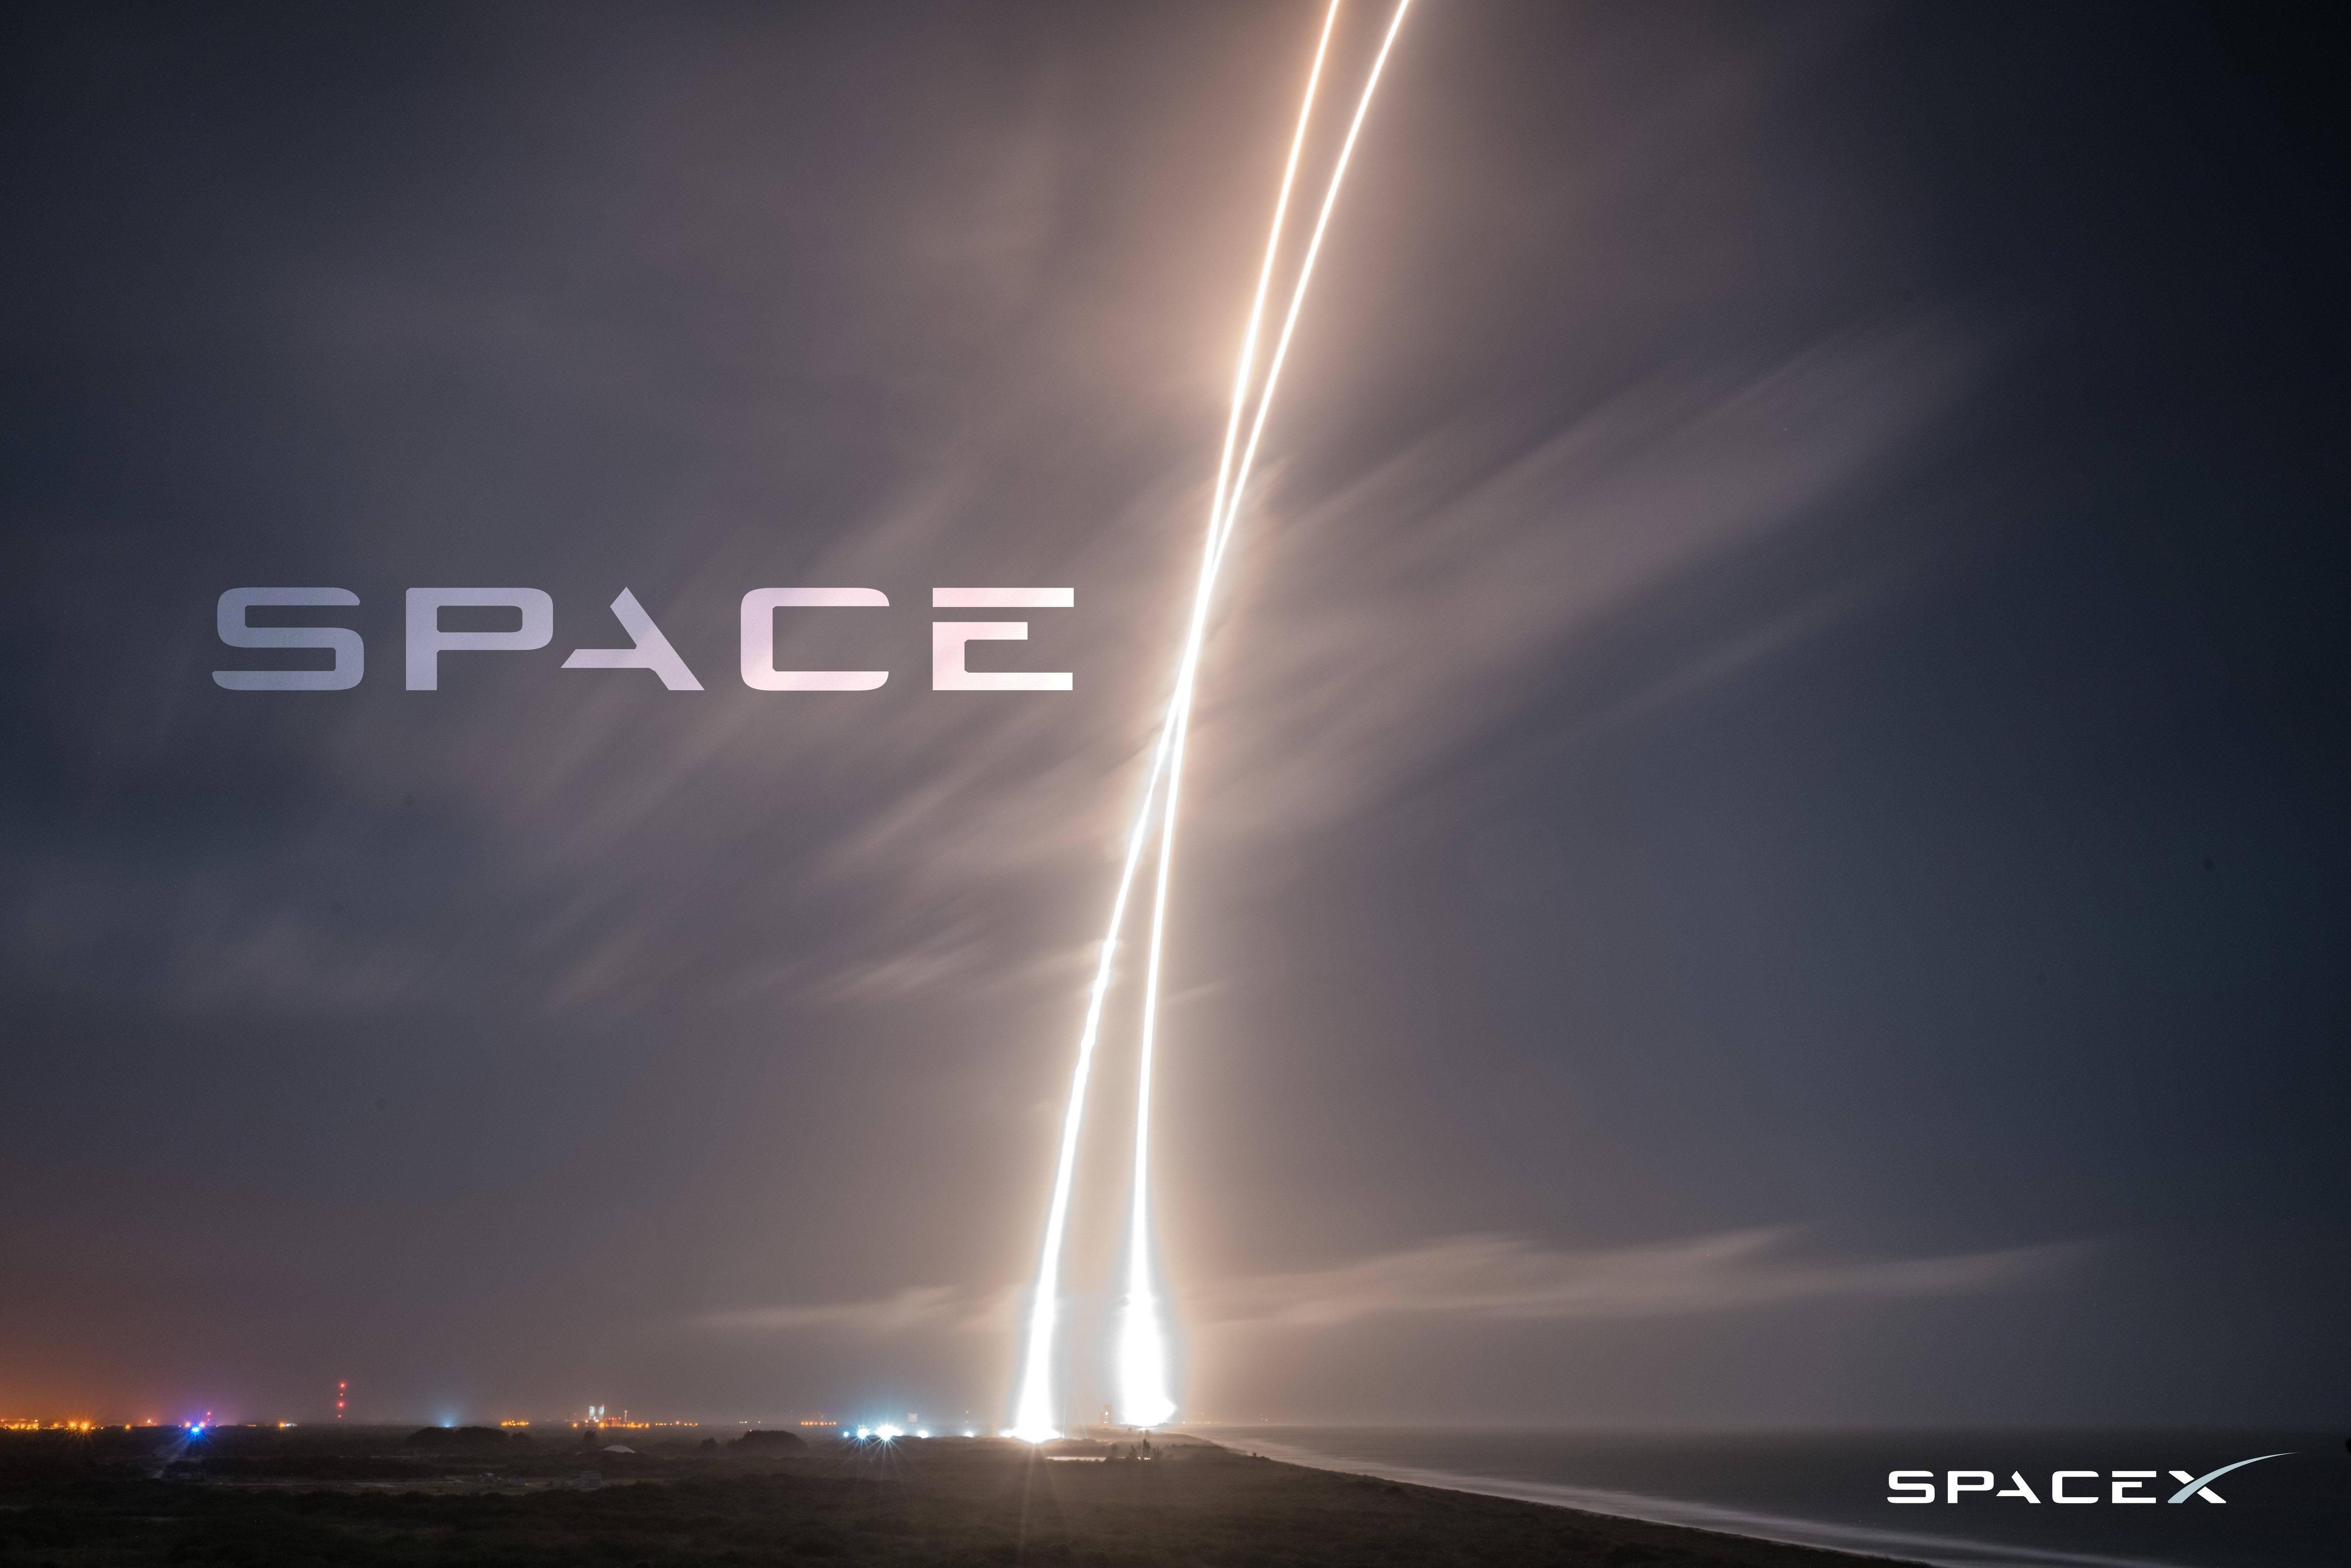 Spacex Wallpaper Google Search Con Immagini